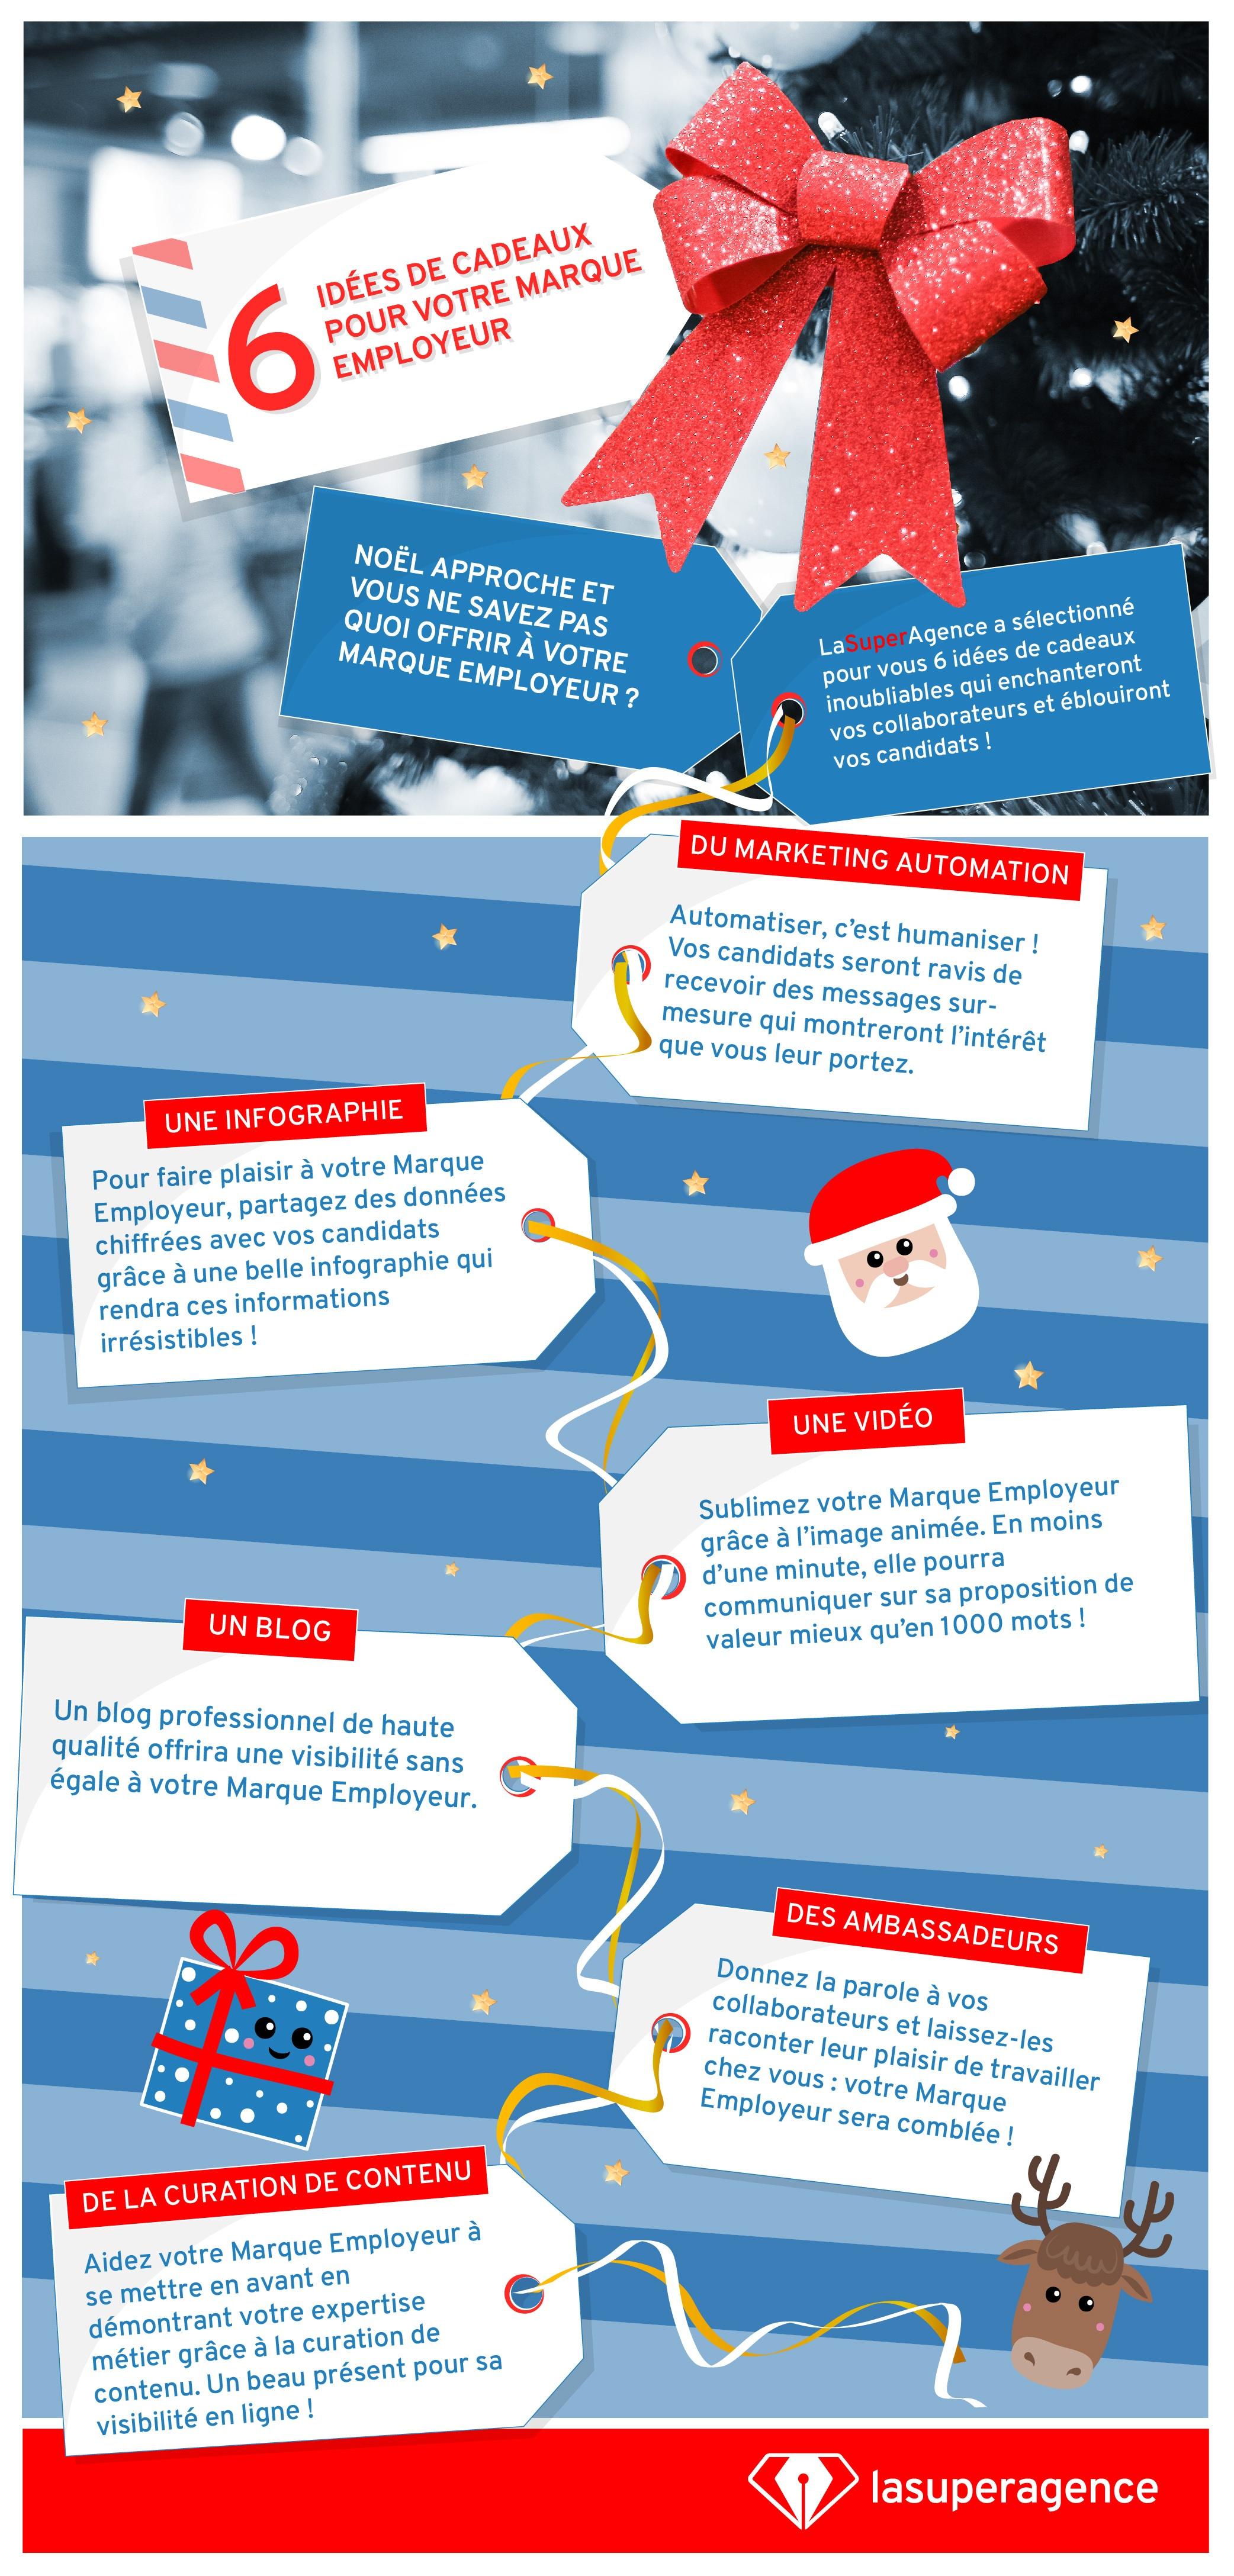 Infographie Noël ME cadeaux.jpg